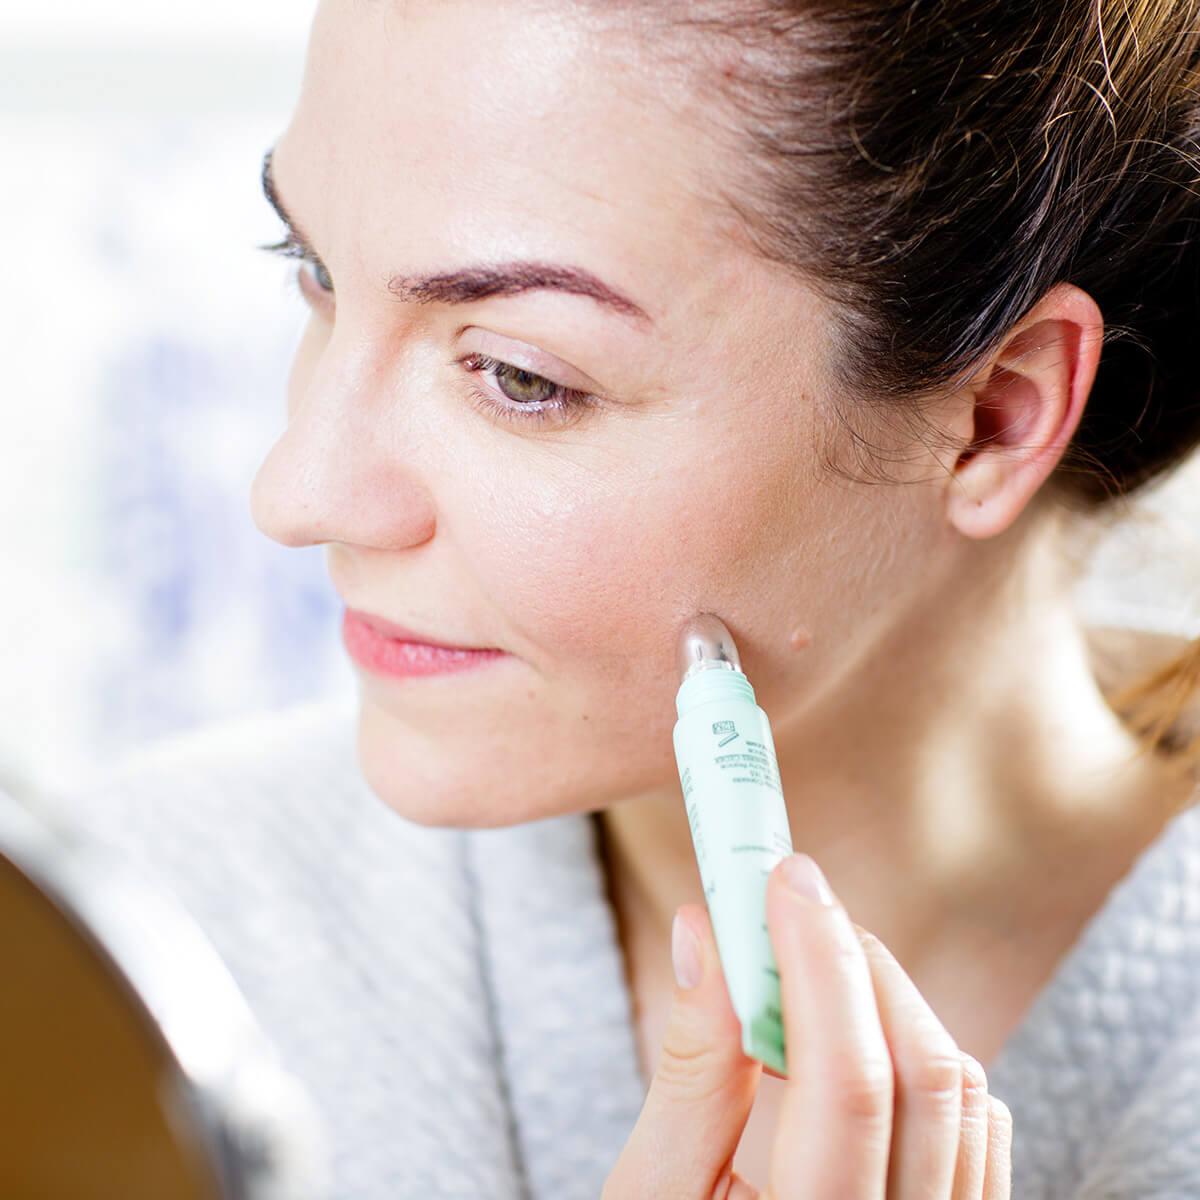 Hormonelle Umstellung – Was tun bei unreiner Haut in der Schwangerschaft oder nach Absetzen der Pille?